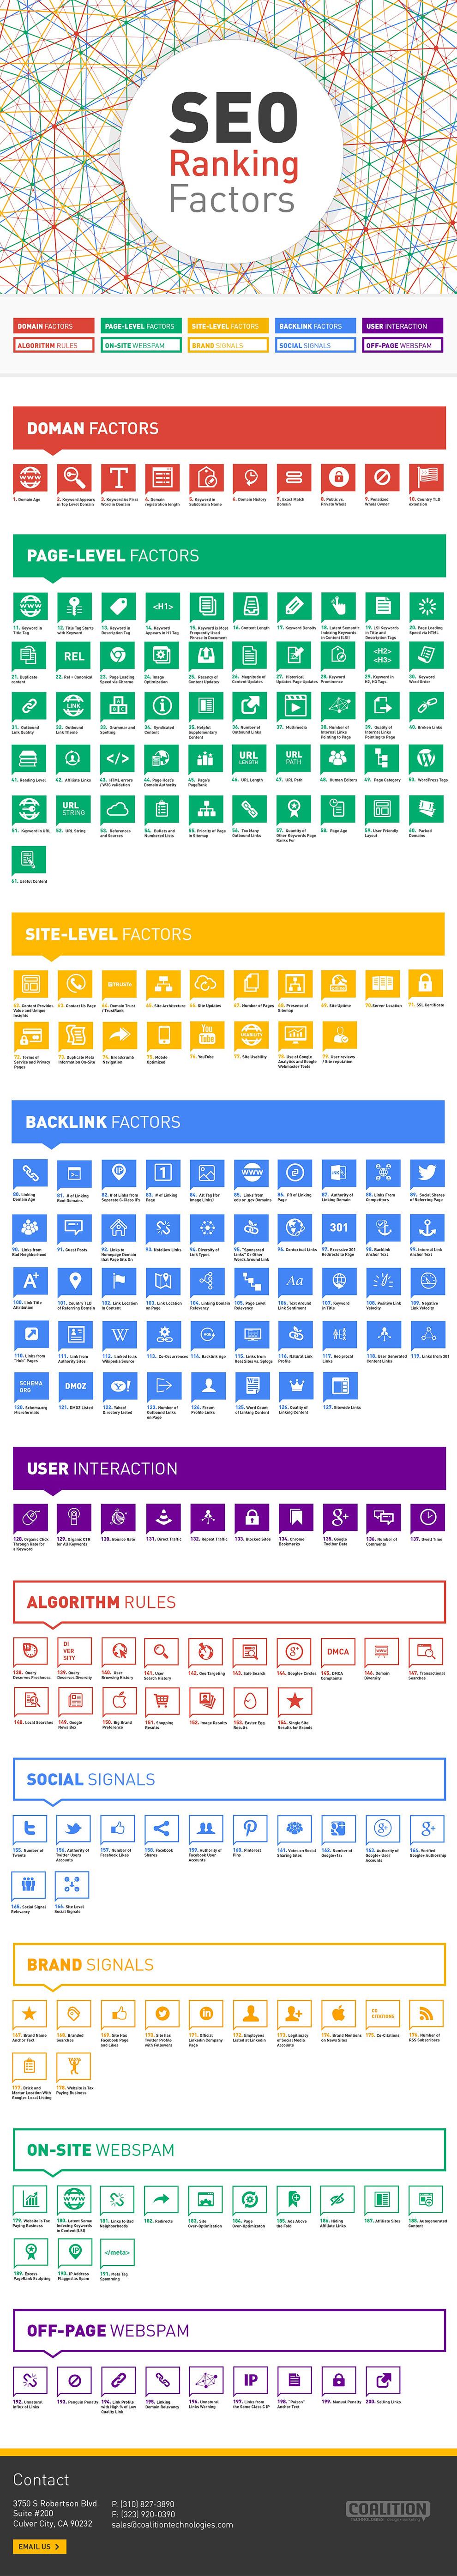 instantShift - SEO Ranking Factors 2015